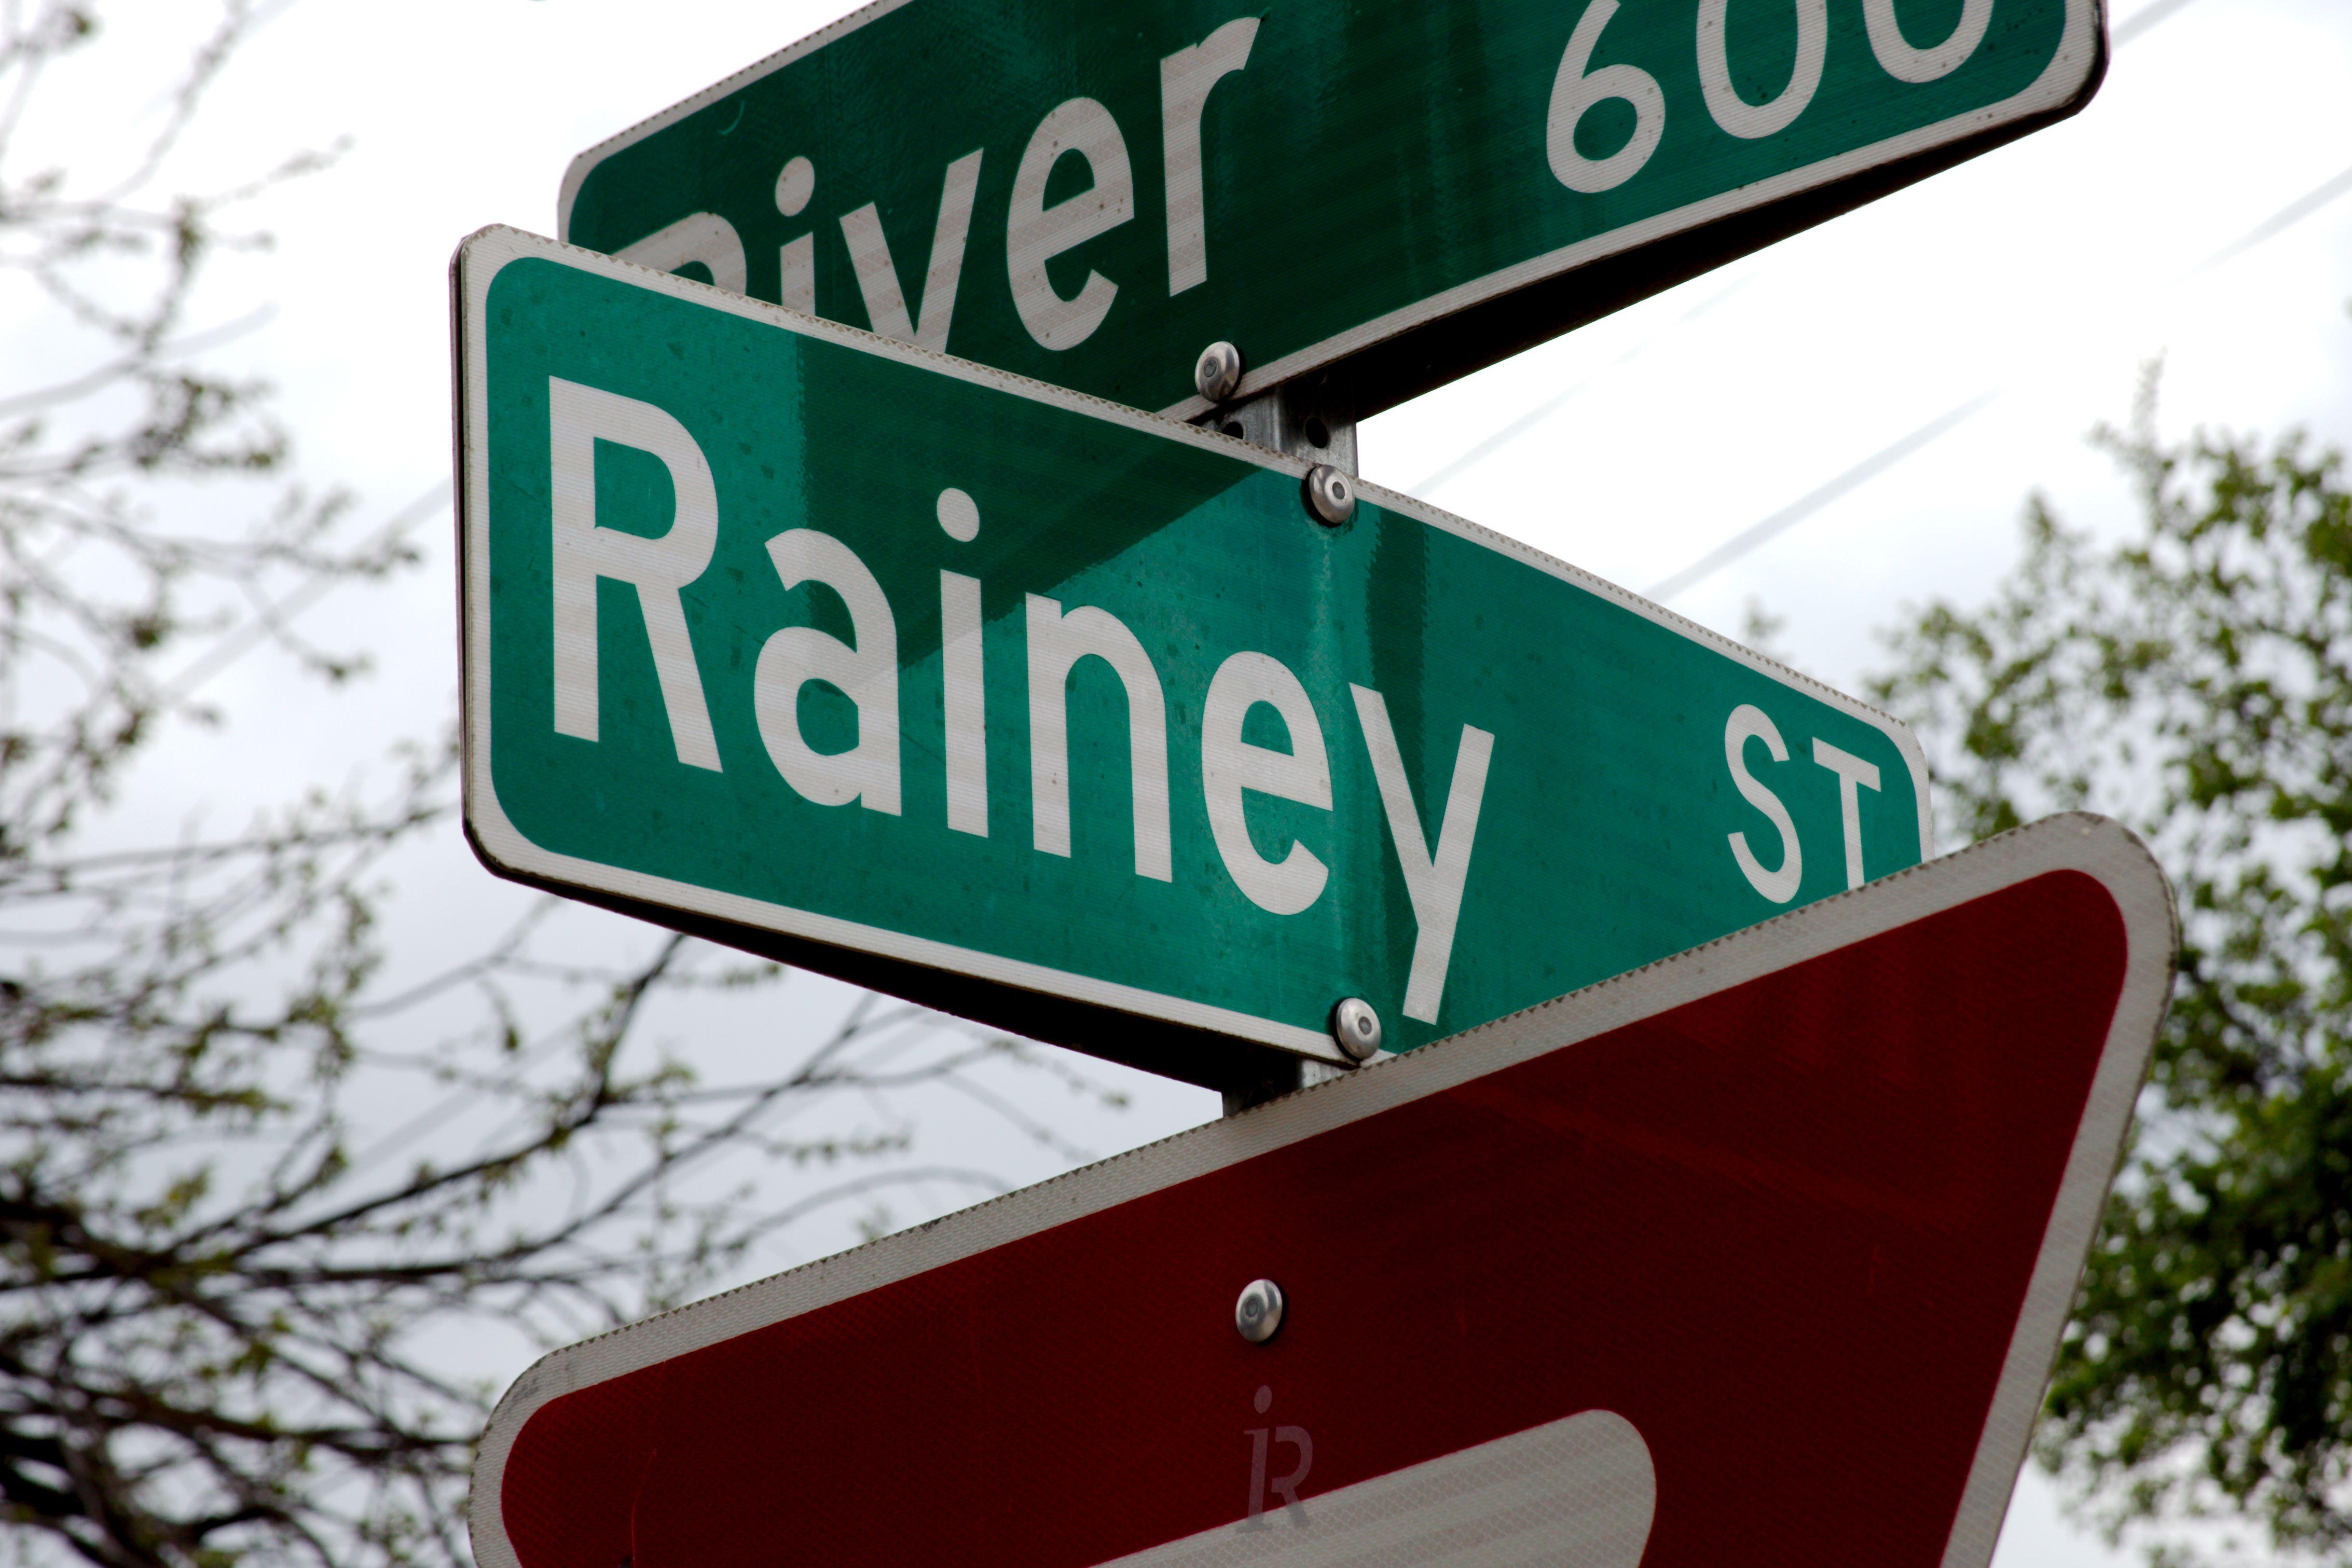 Longtime Austin bar owner buys last house on Rainey Street